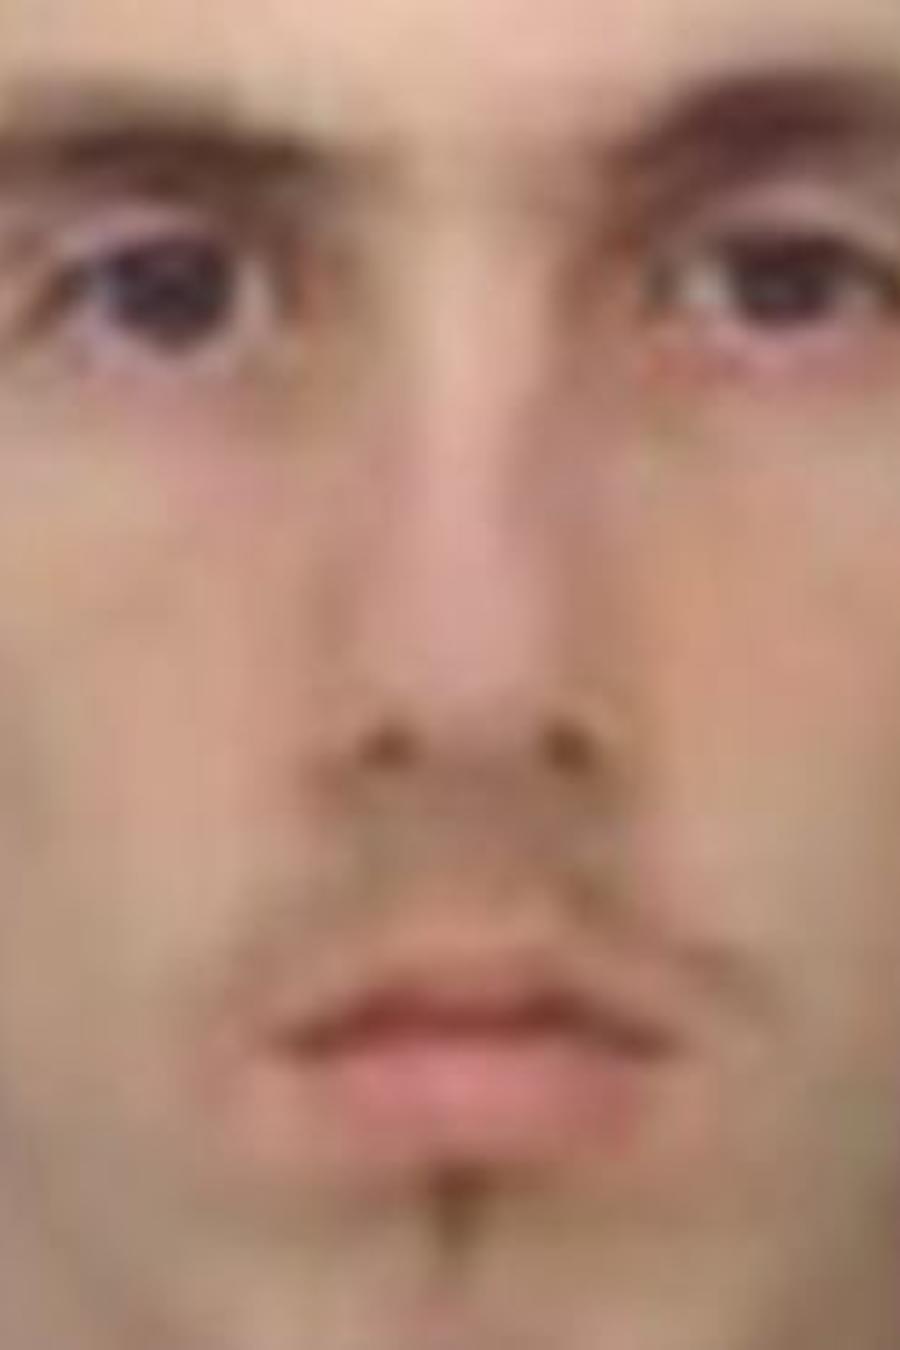 """Richard Huckle admitió 71 delitos """"sin precedentes y excepcionales"""" contra niños de entre seis meses y 12 años de 2006 a 2014."""